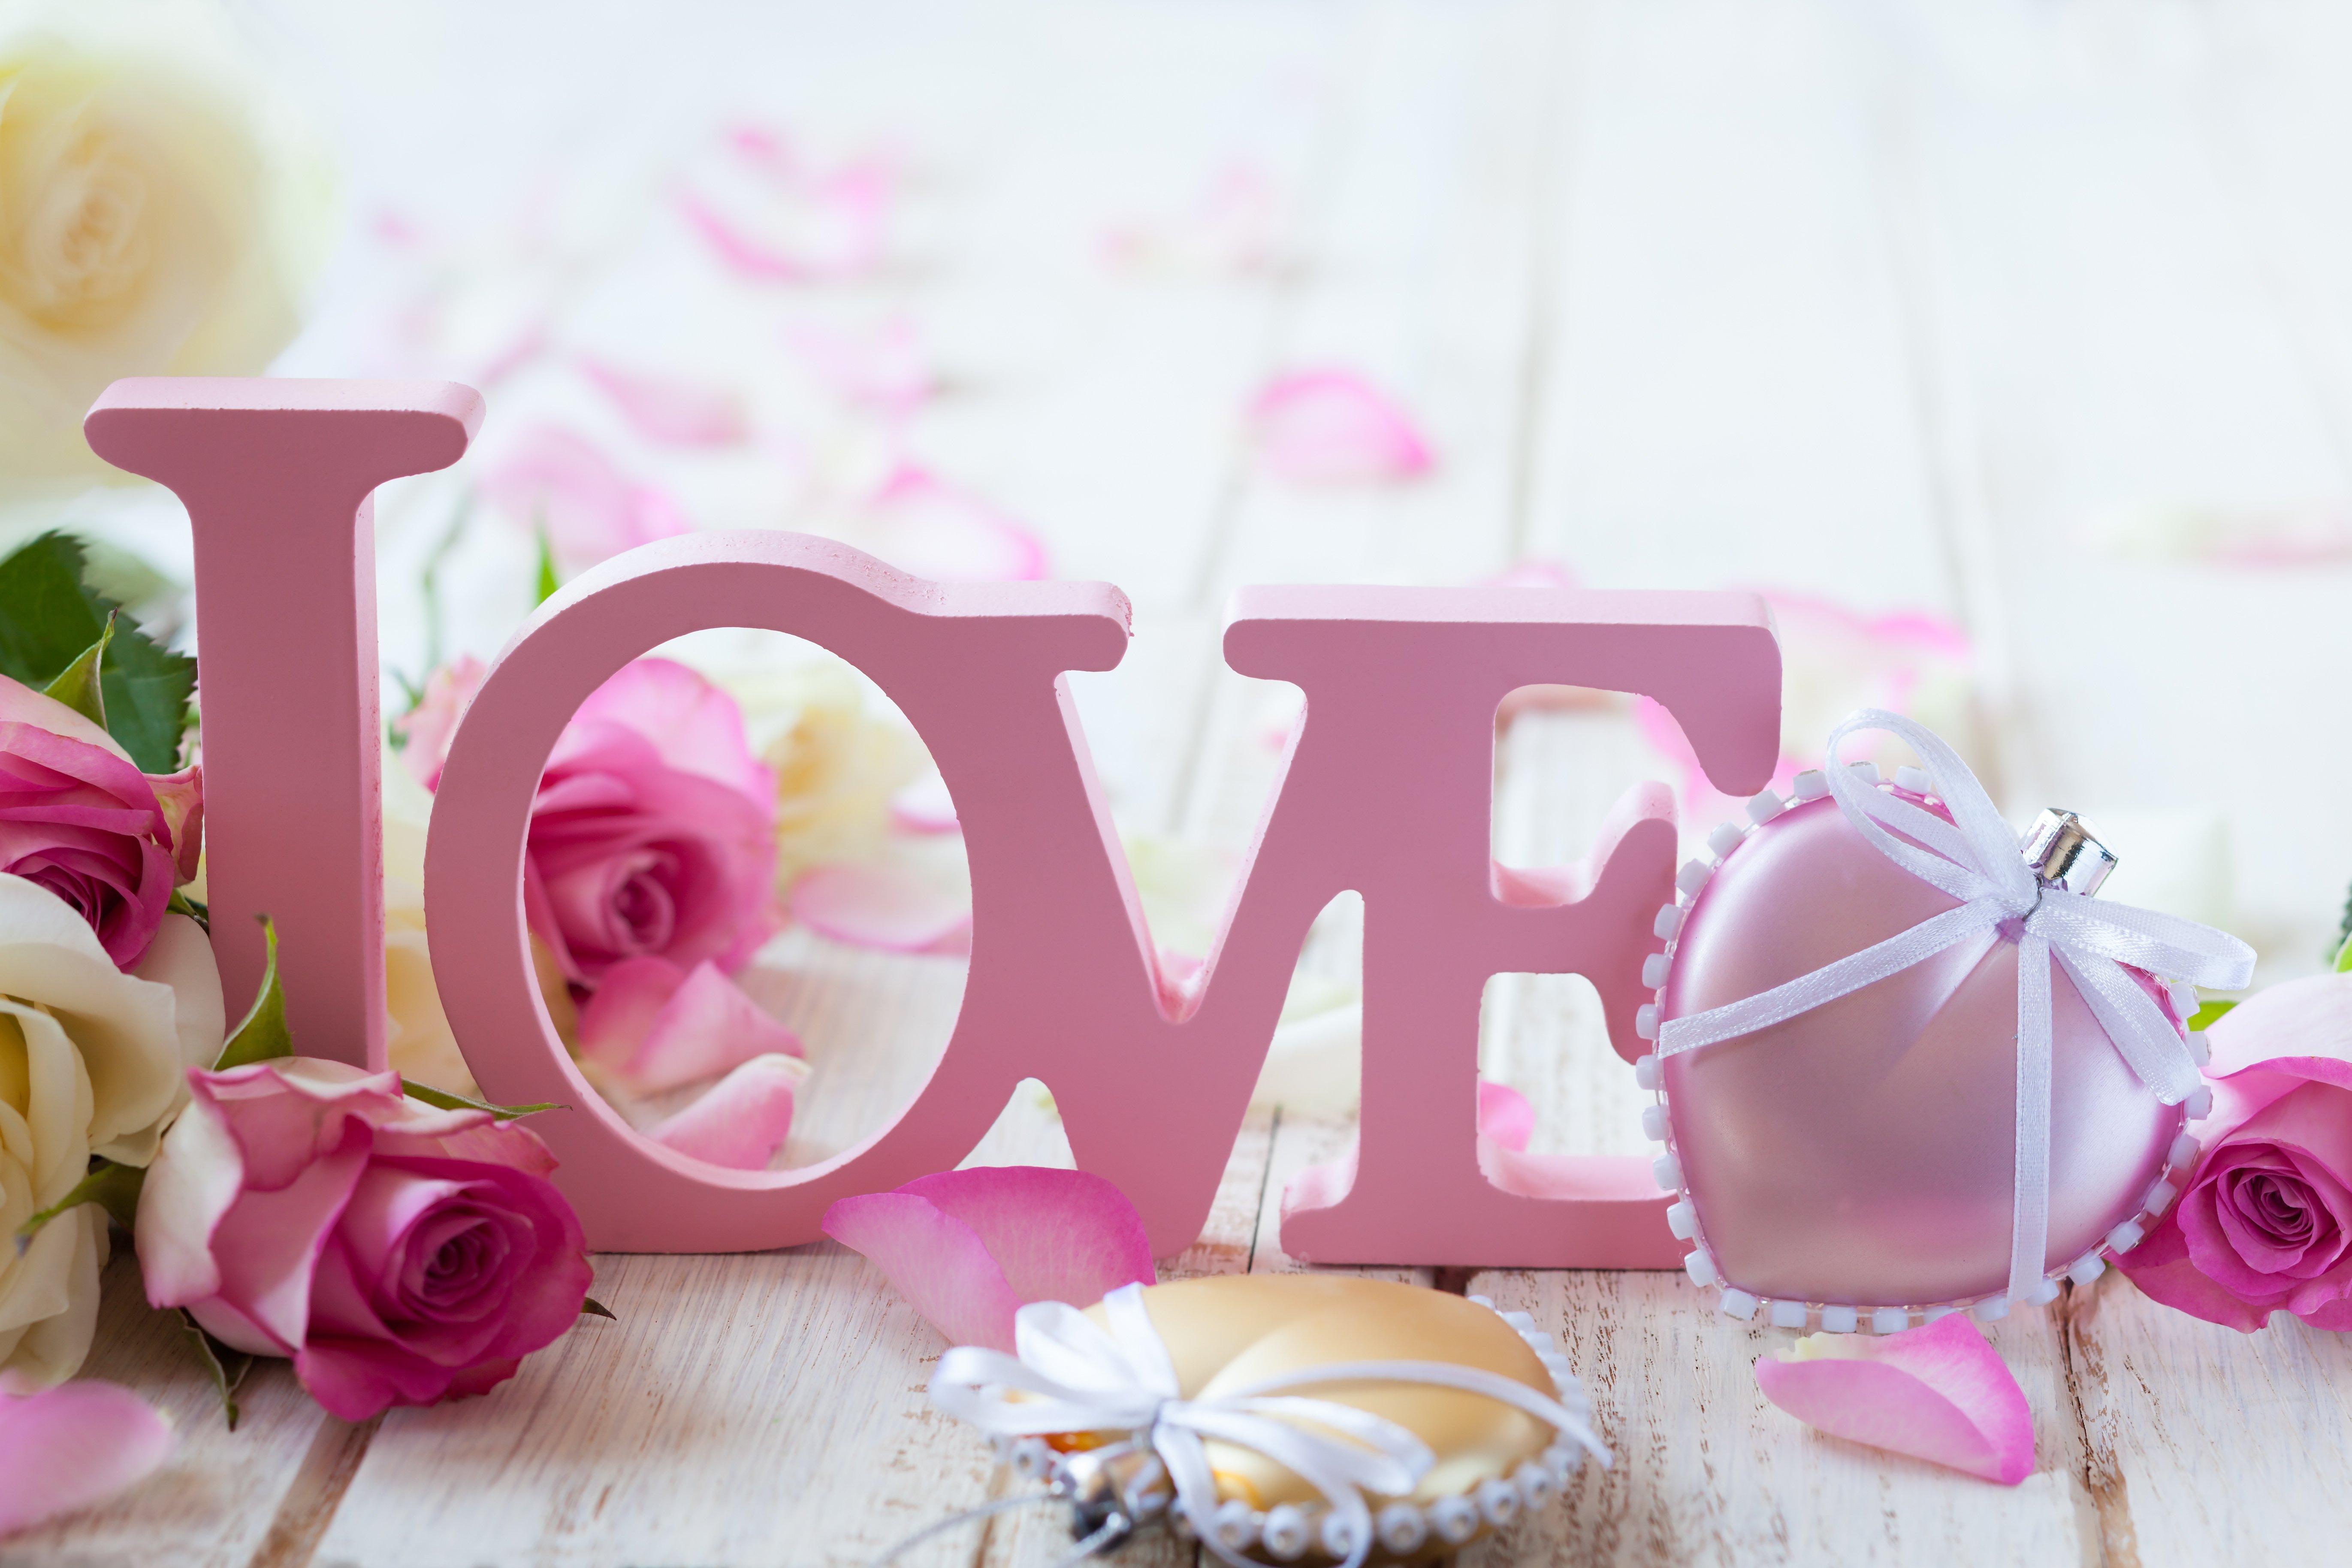 beautiful Love Art Flowers Wallpaper Hd For